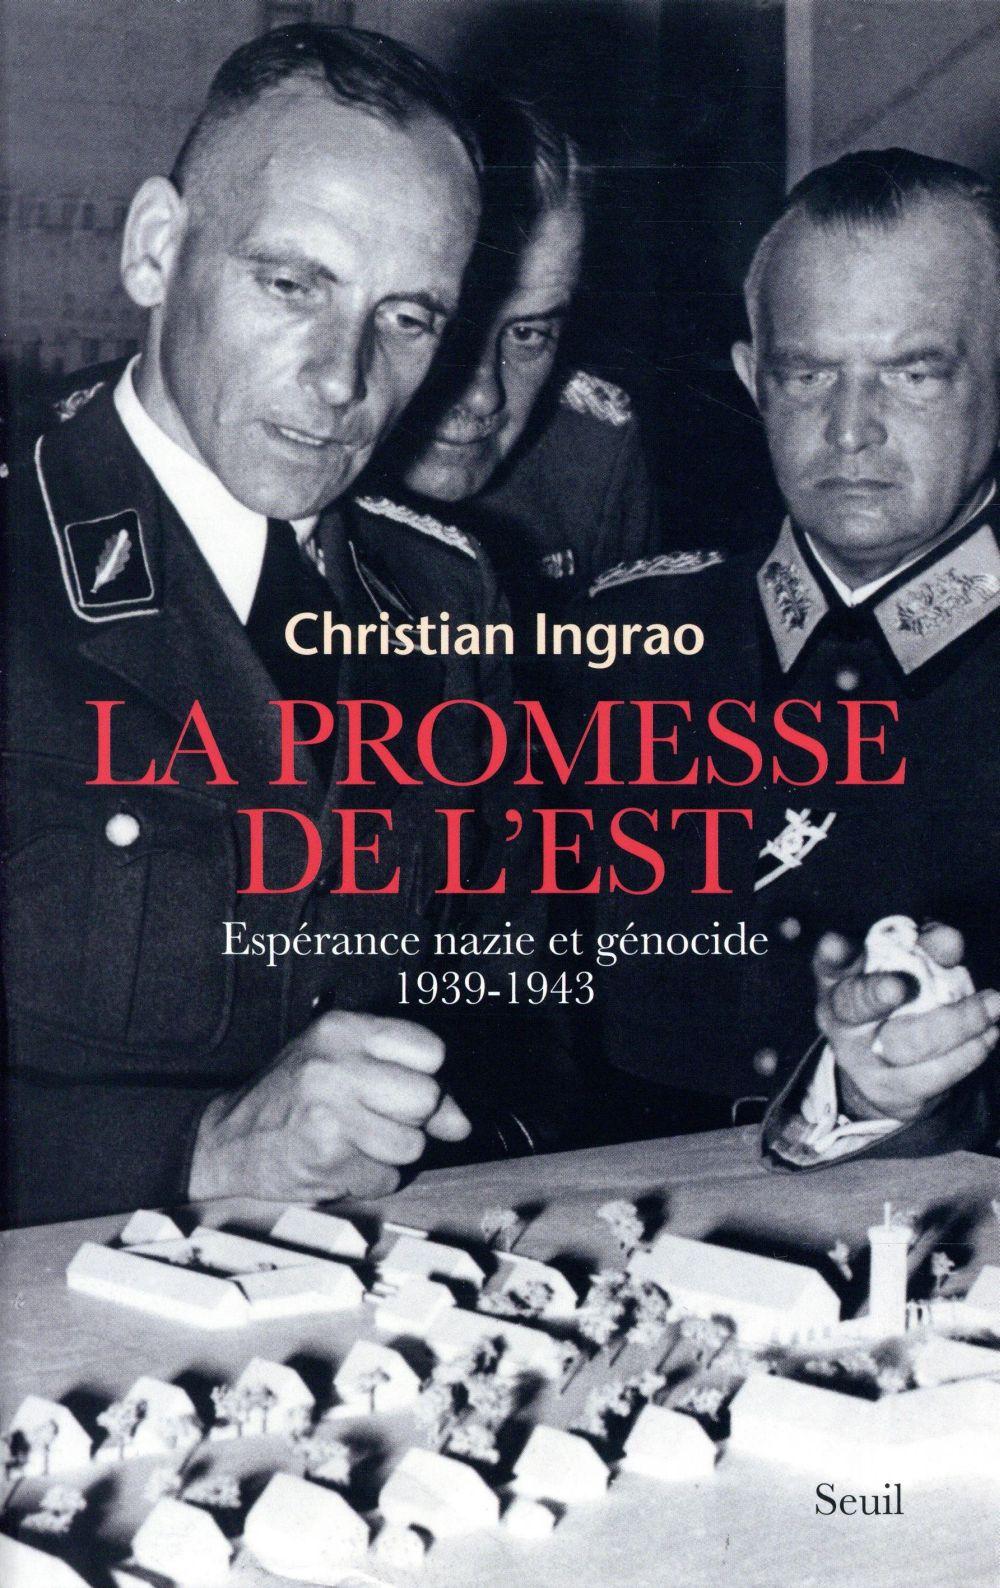 La promesse de l'est ; espérance nazie et génocide (1939-1943)